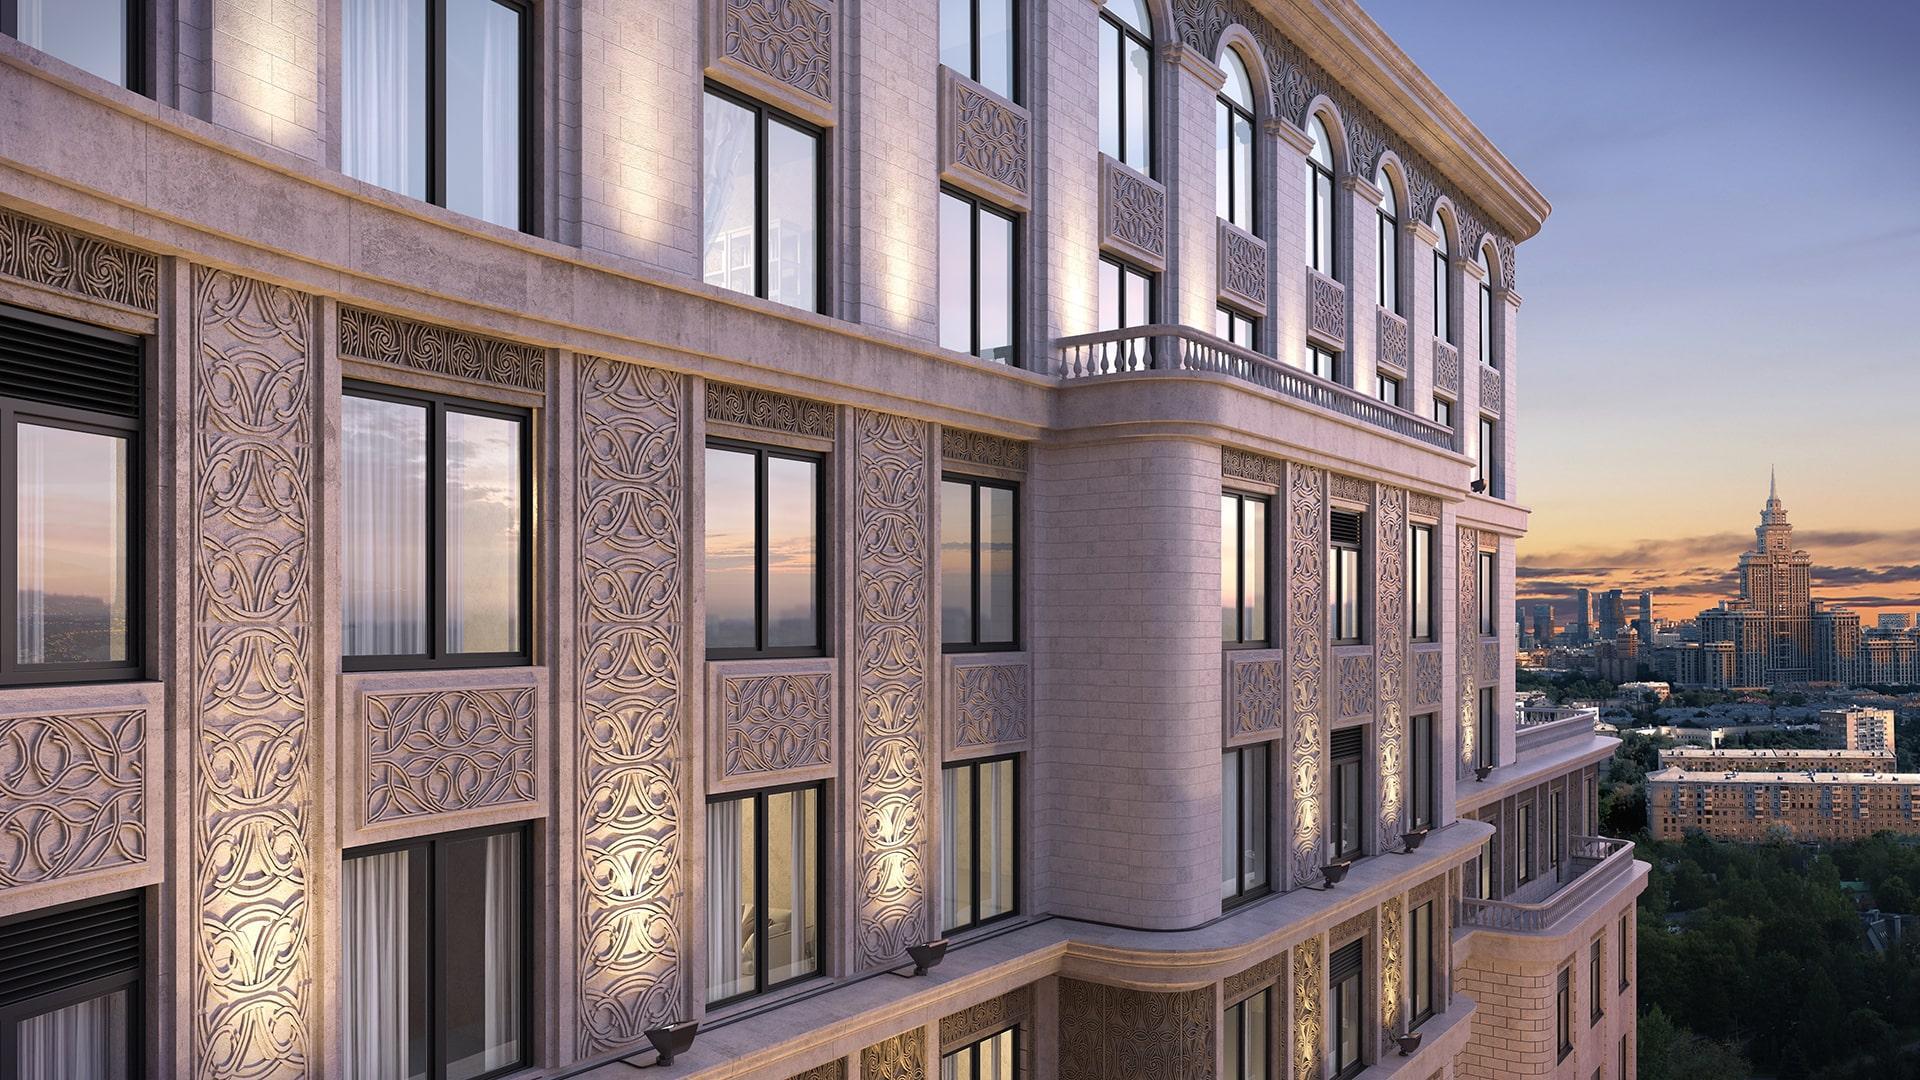 ЖК Врубеля 4 в Москве от Интеко - цены, планировки квартир